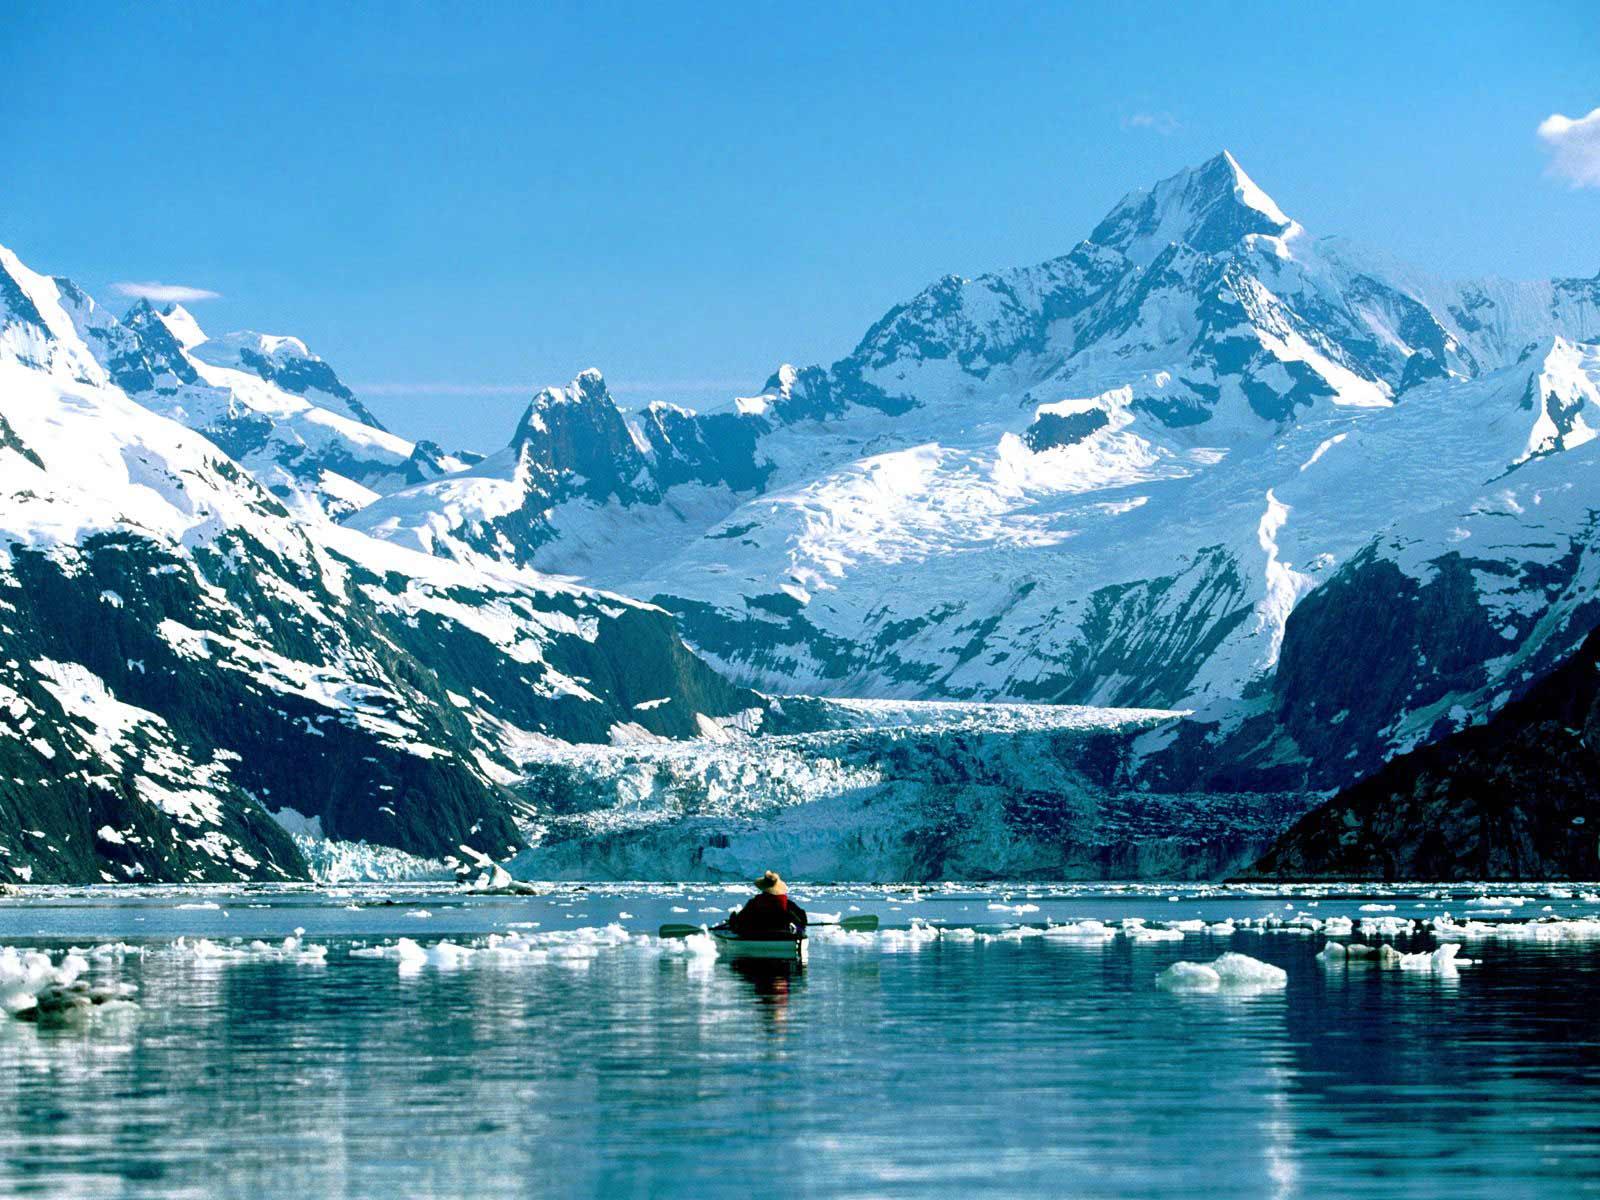 Free Glacier Wallpaper 17192 1920x1080 px